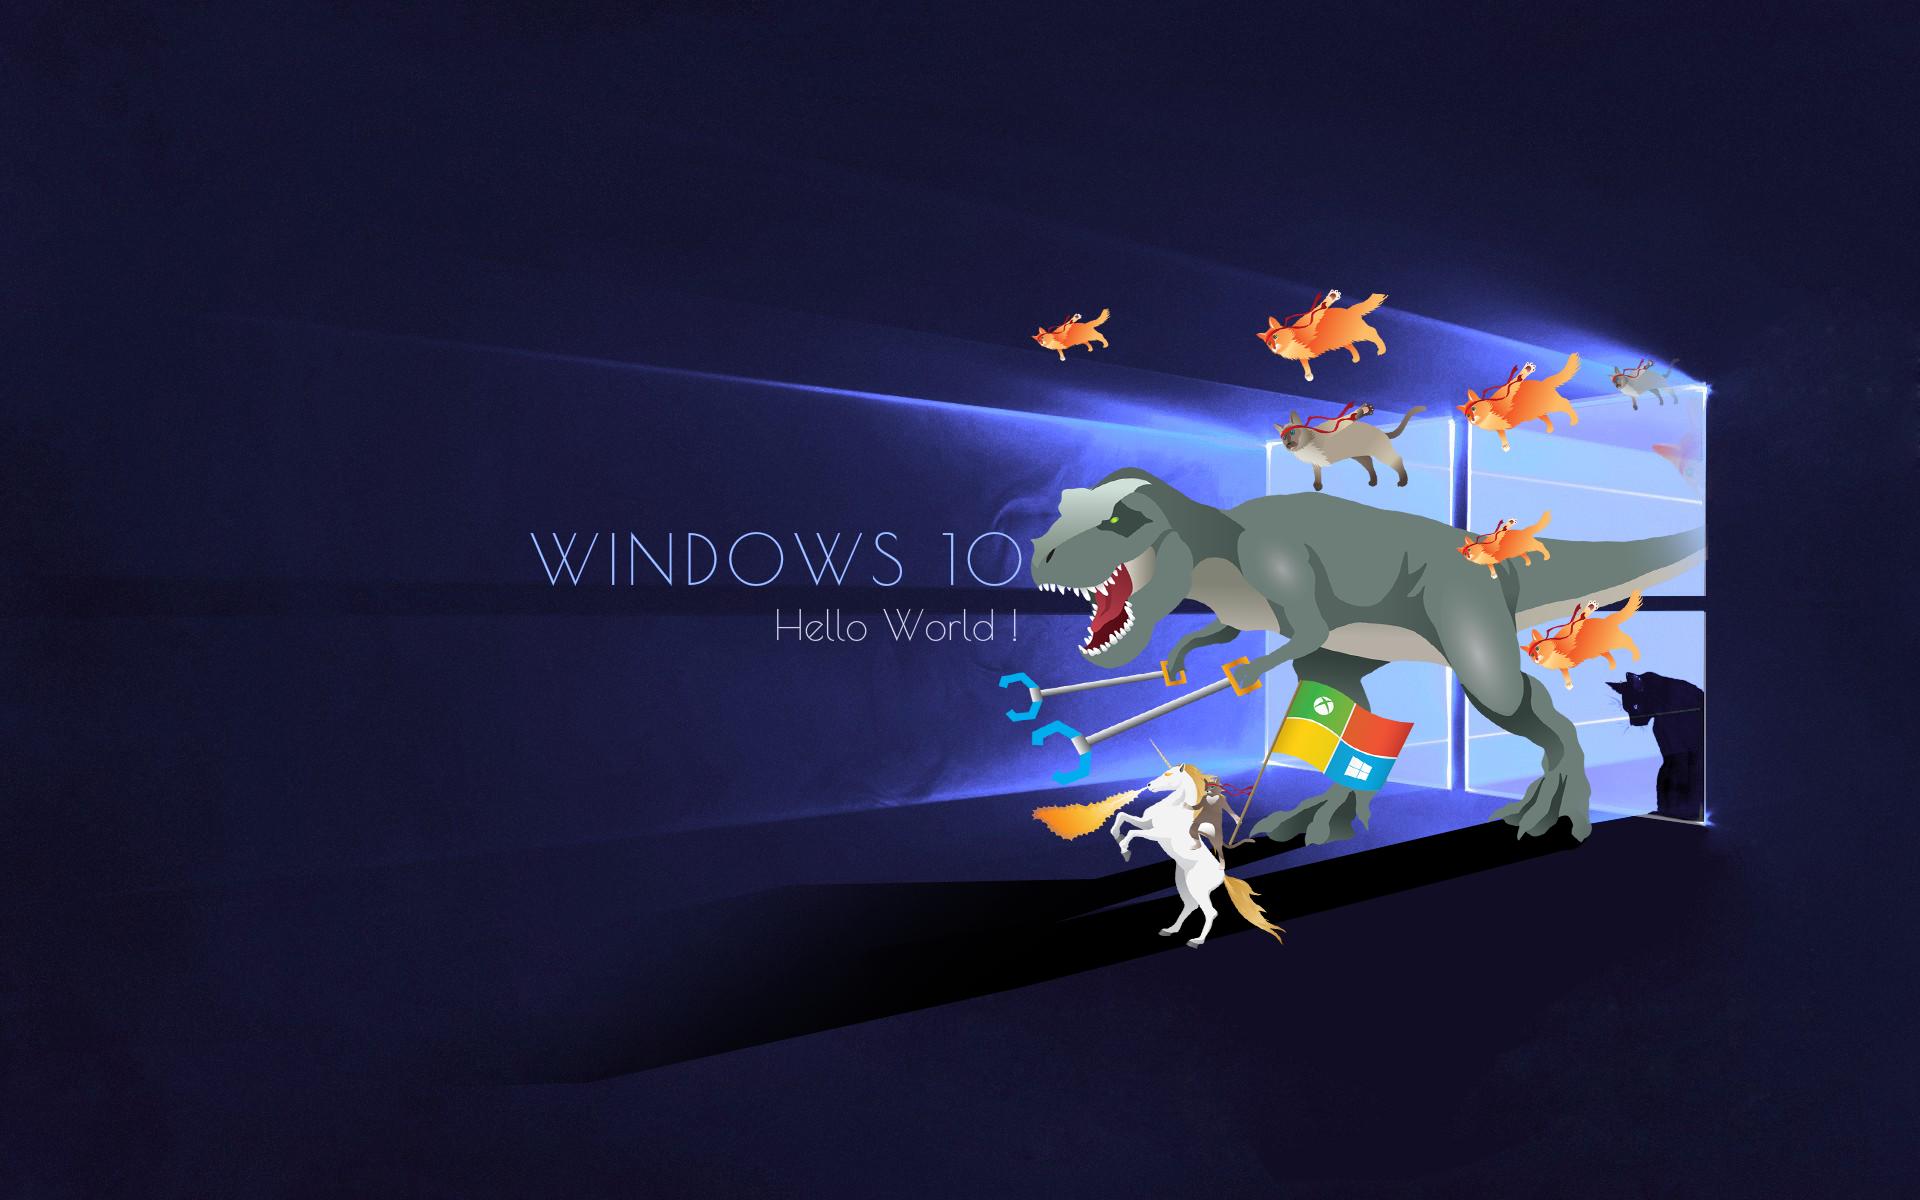 Ninja cat wallpaper windows 10 wallpapersafari for Microsoft windows 10